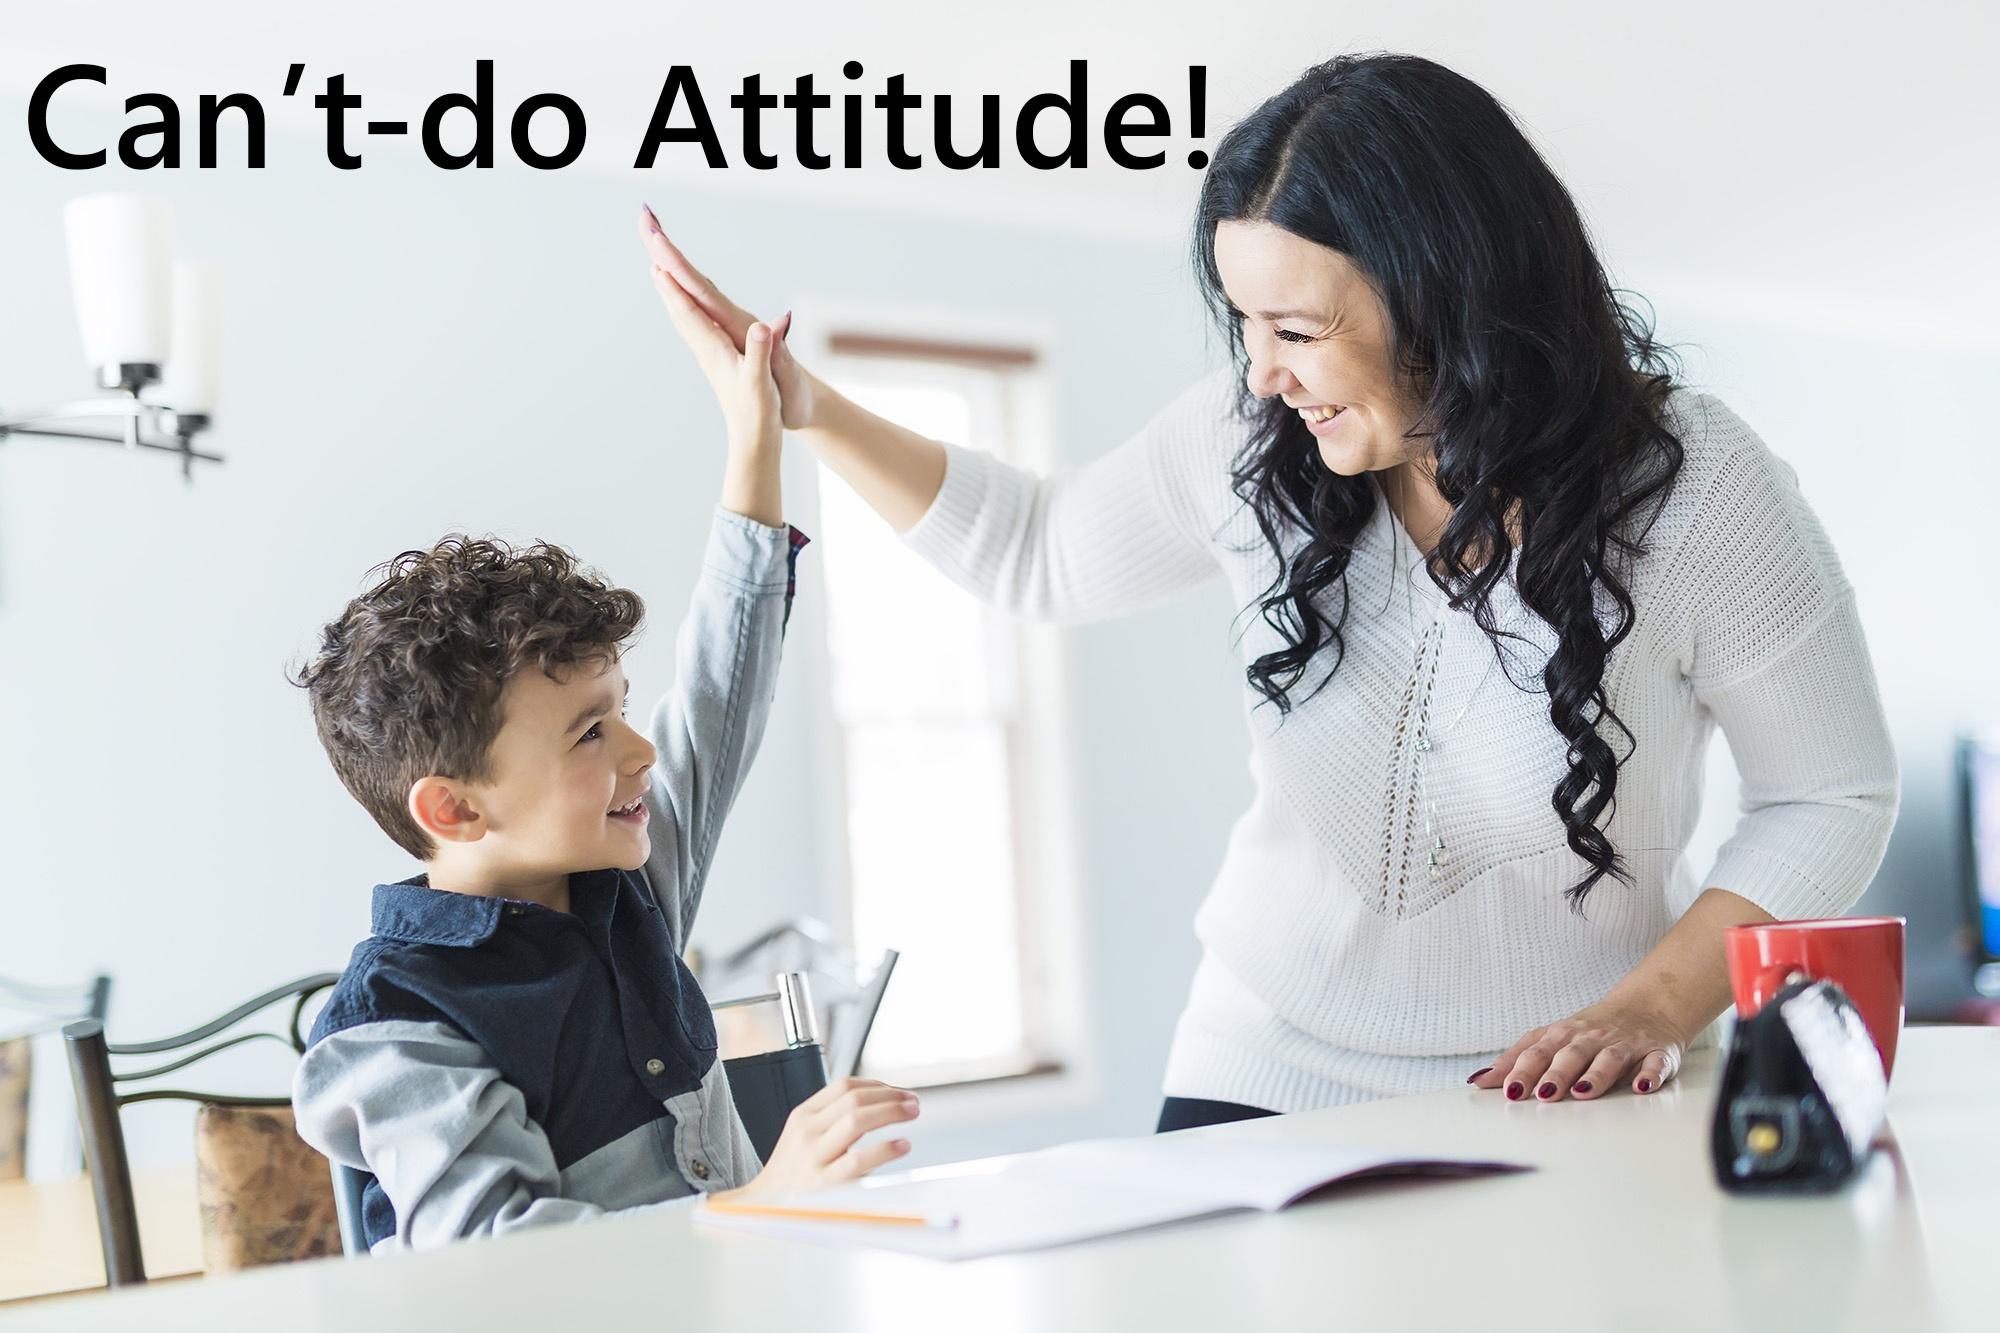 11.9.17 cant-do attitude.jpg